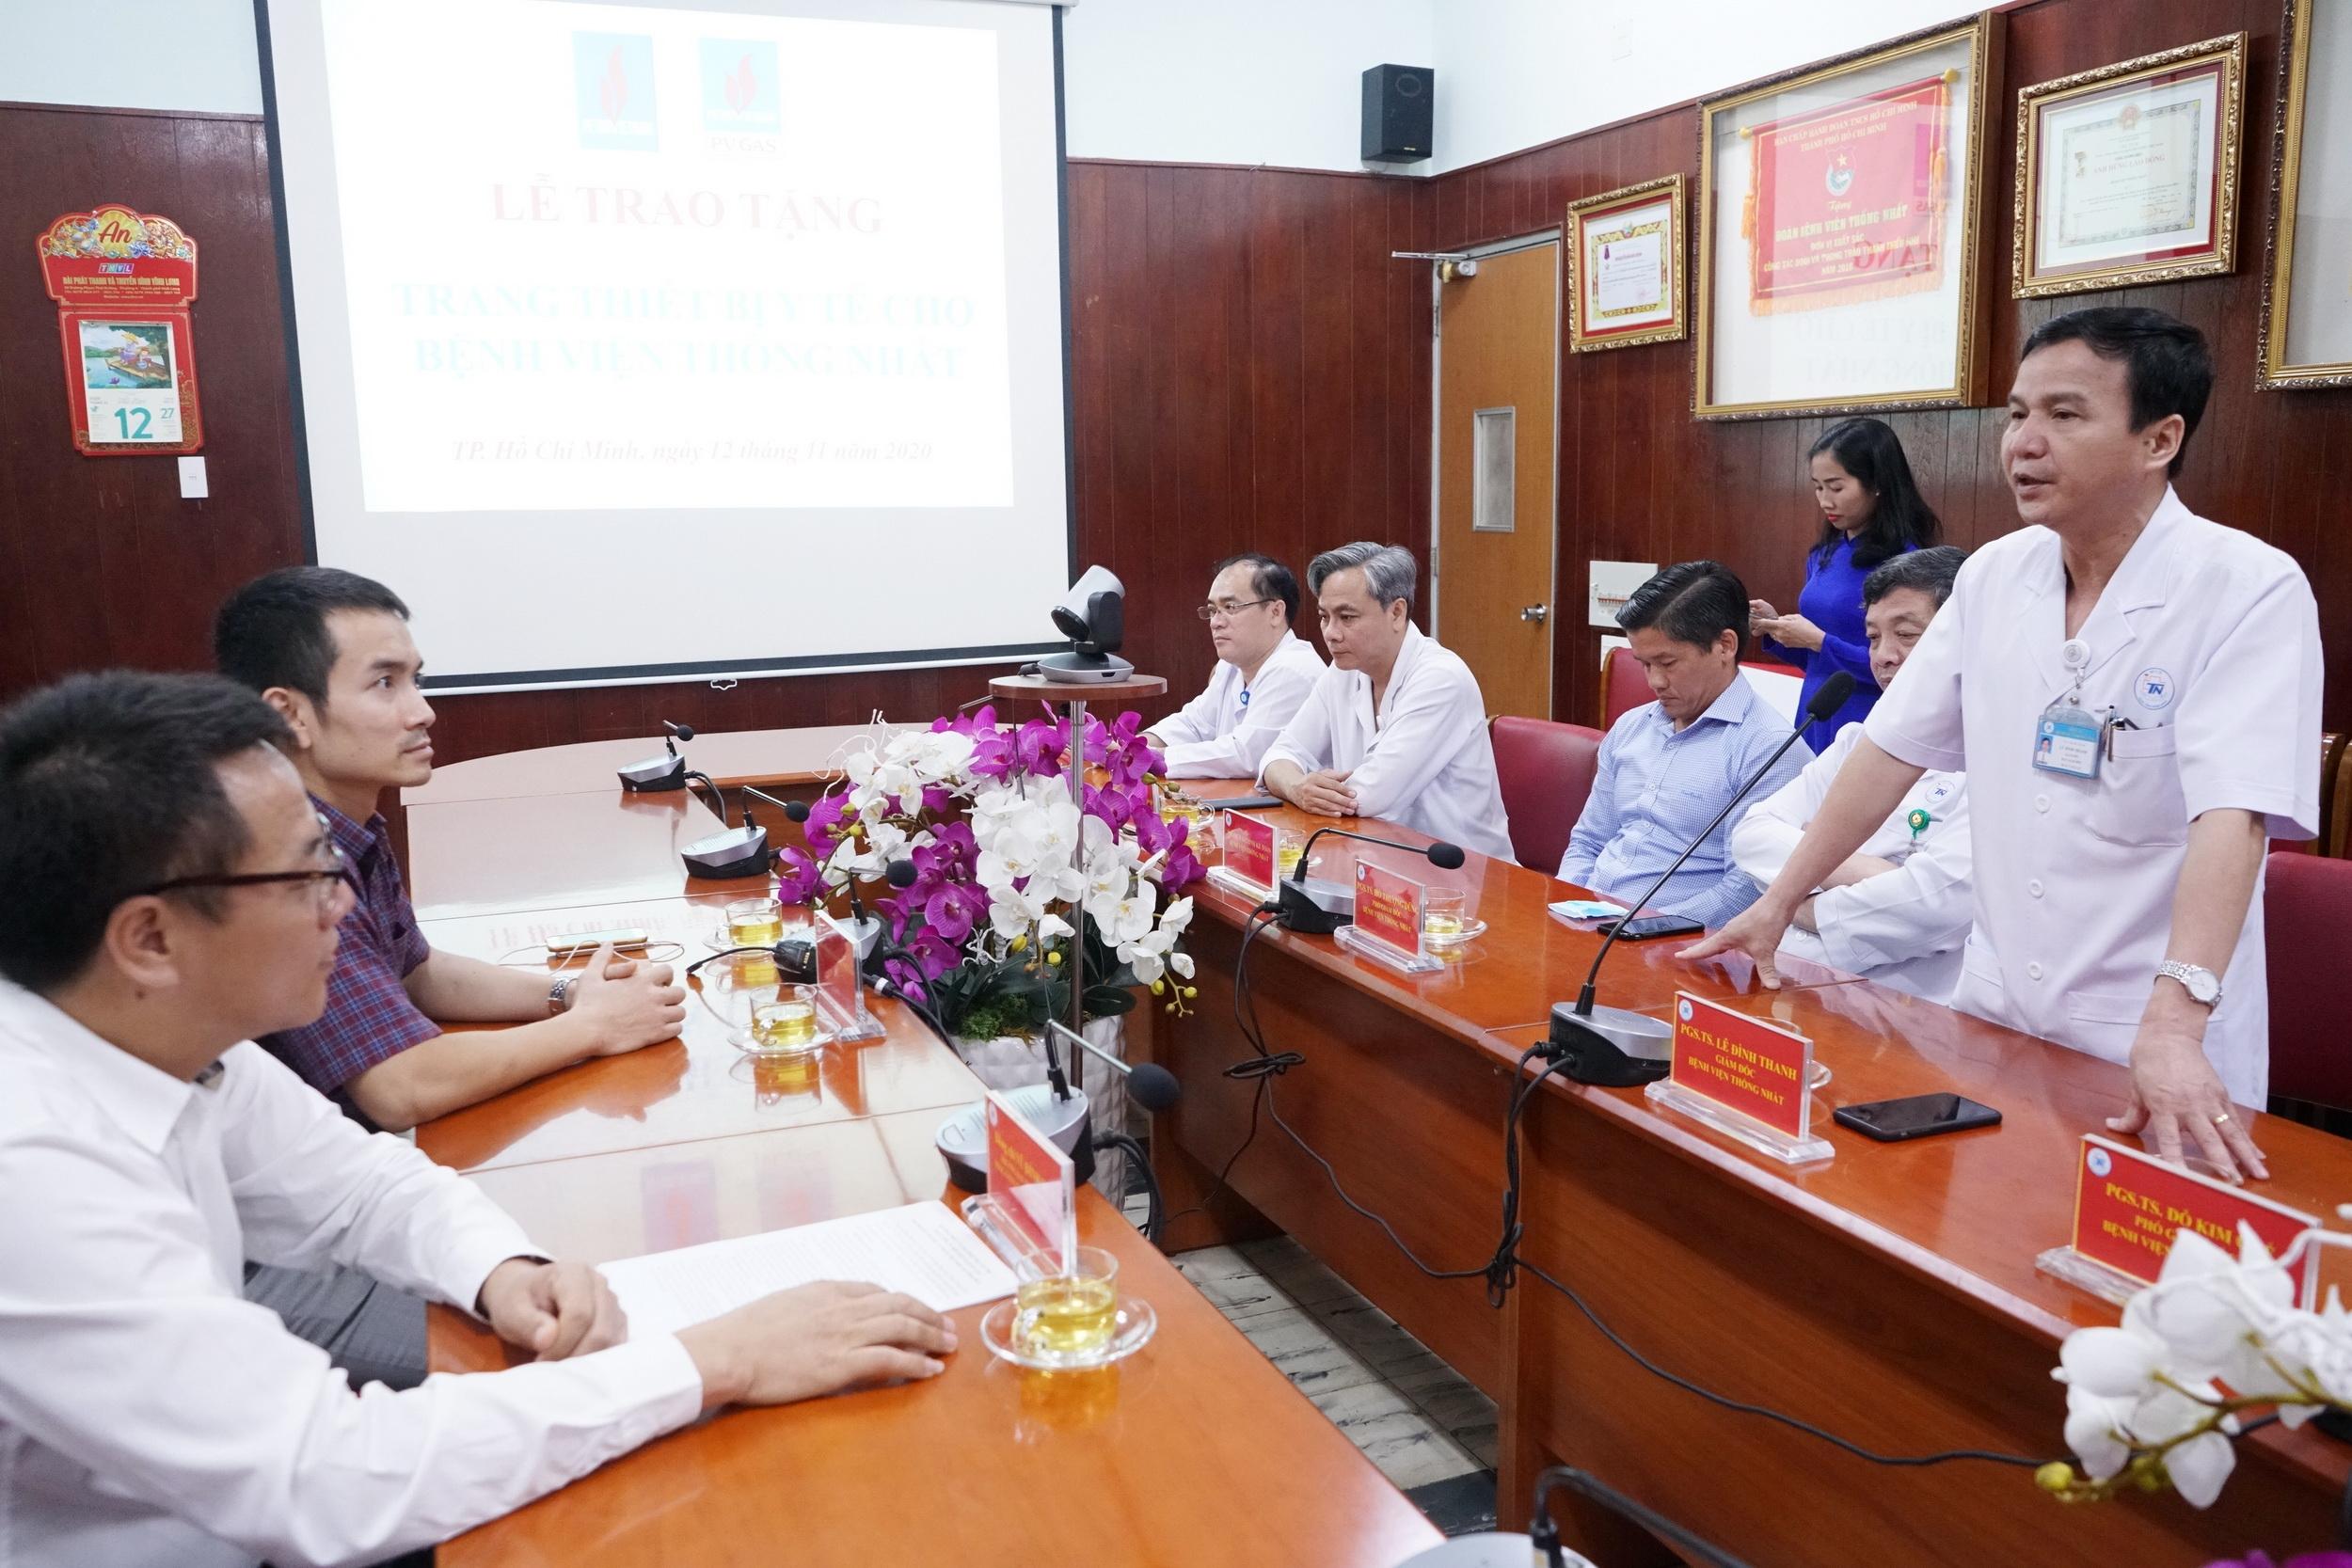 Giám đốc BV Thống Nhất gửi lời cảm ơn đến Ban Lãnh đạo và NLĐ PV GAS vì sự hỗ trợ thiết thực